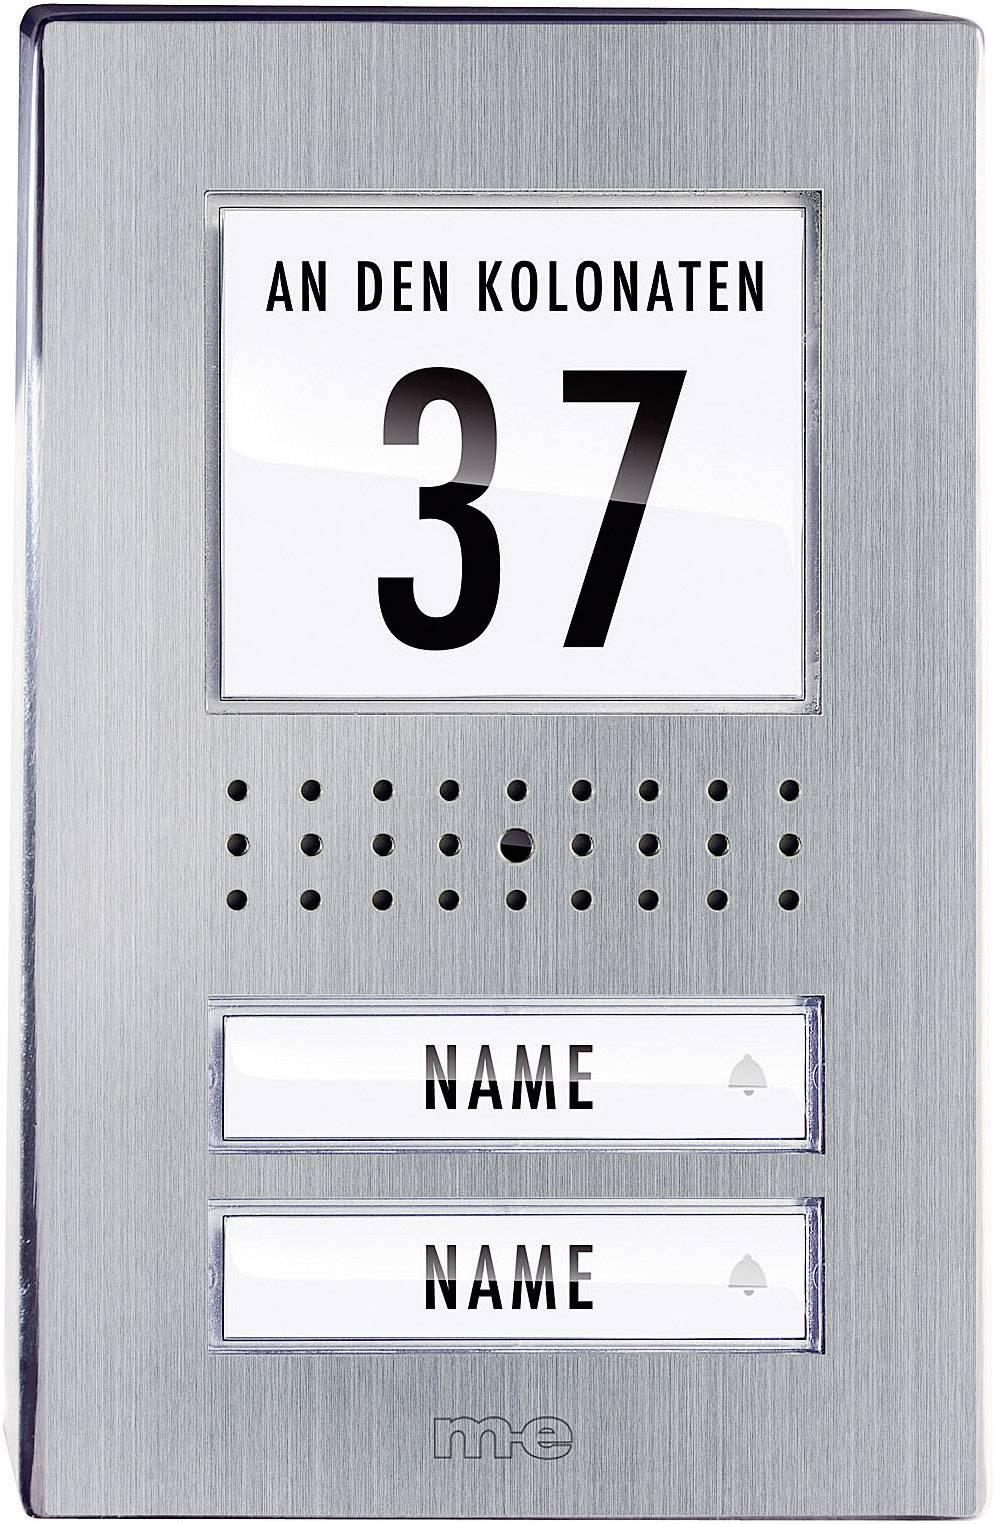 Káblový video dverový telefón m-e modern-electronics VDV 520.1 EG VDV 520.1 EG, nerezová oceľ